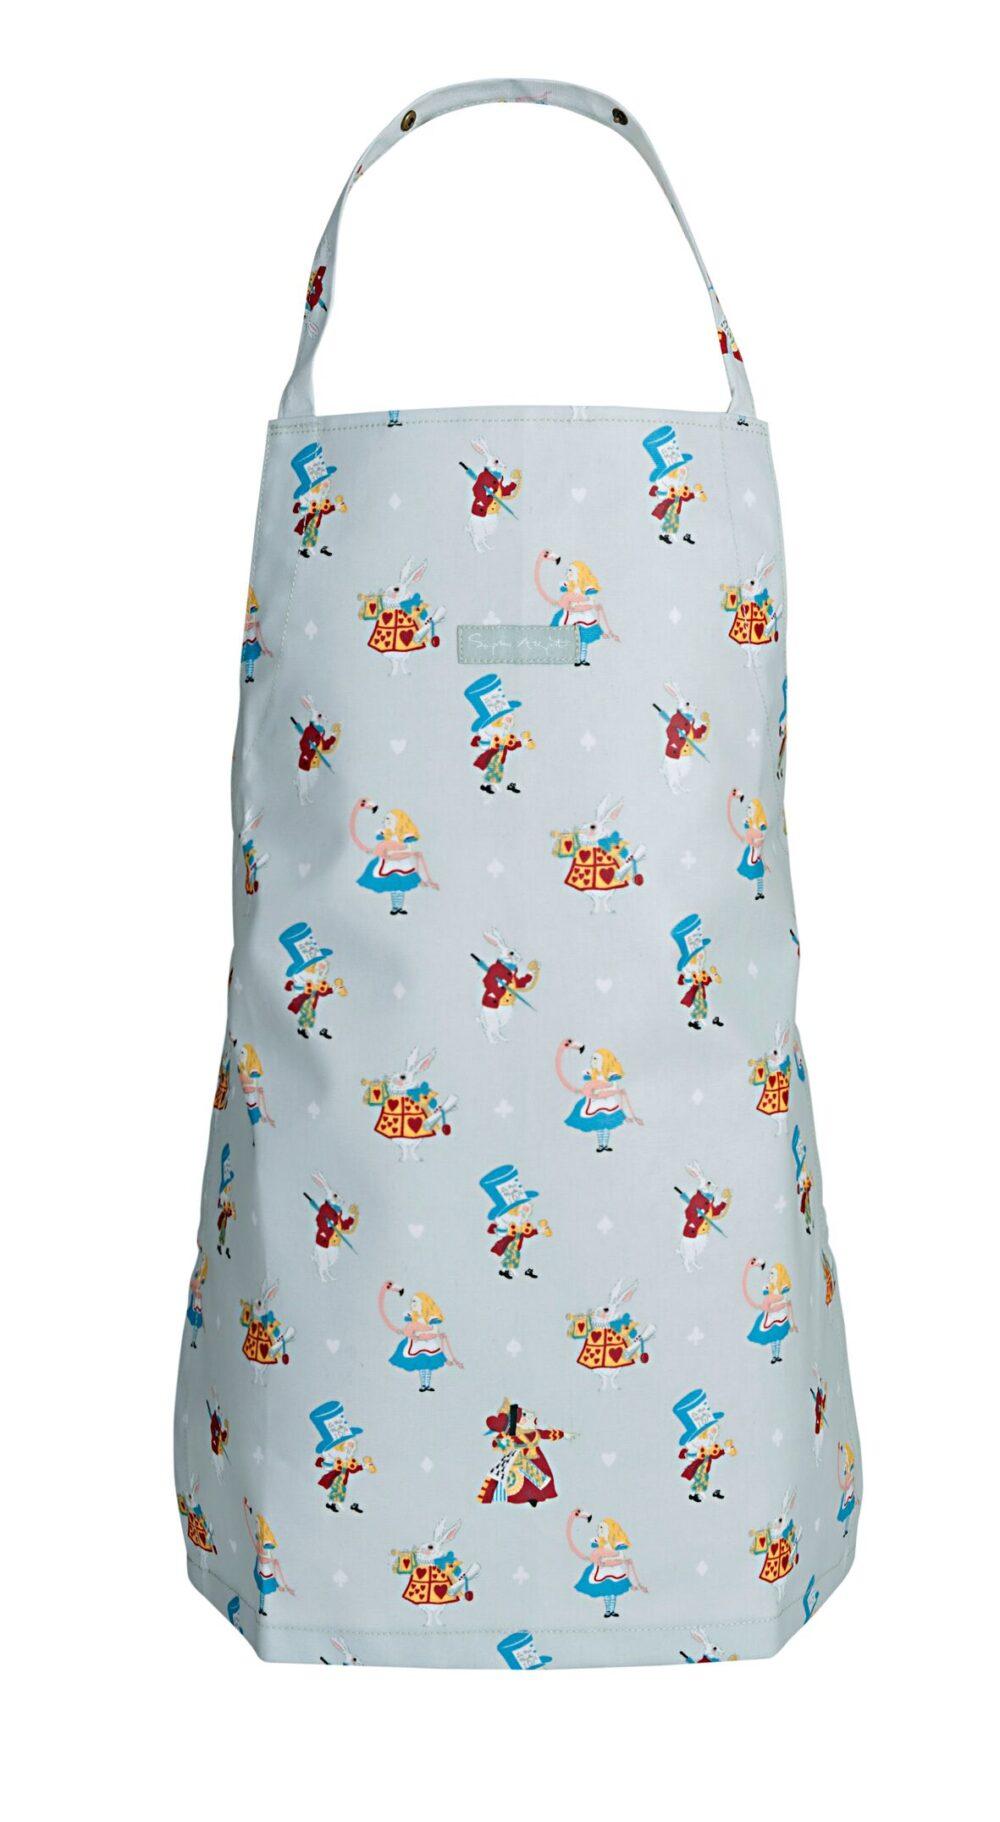 Børneforklæde Alice in Wonderland fra Sophie Allport